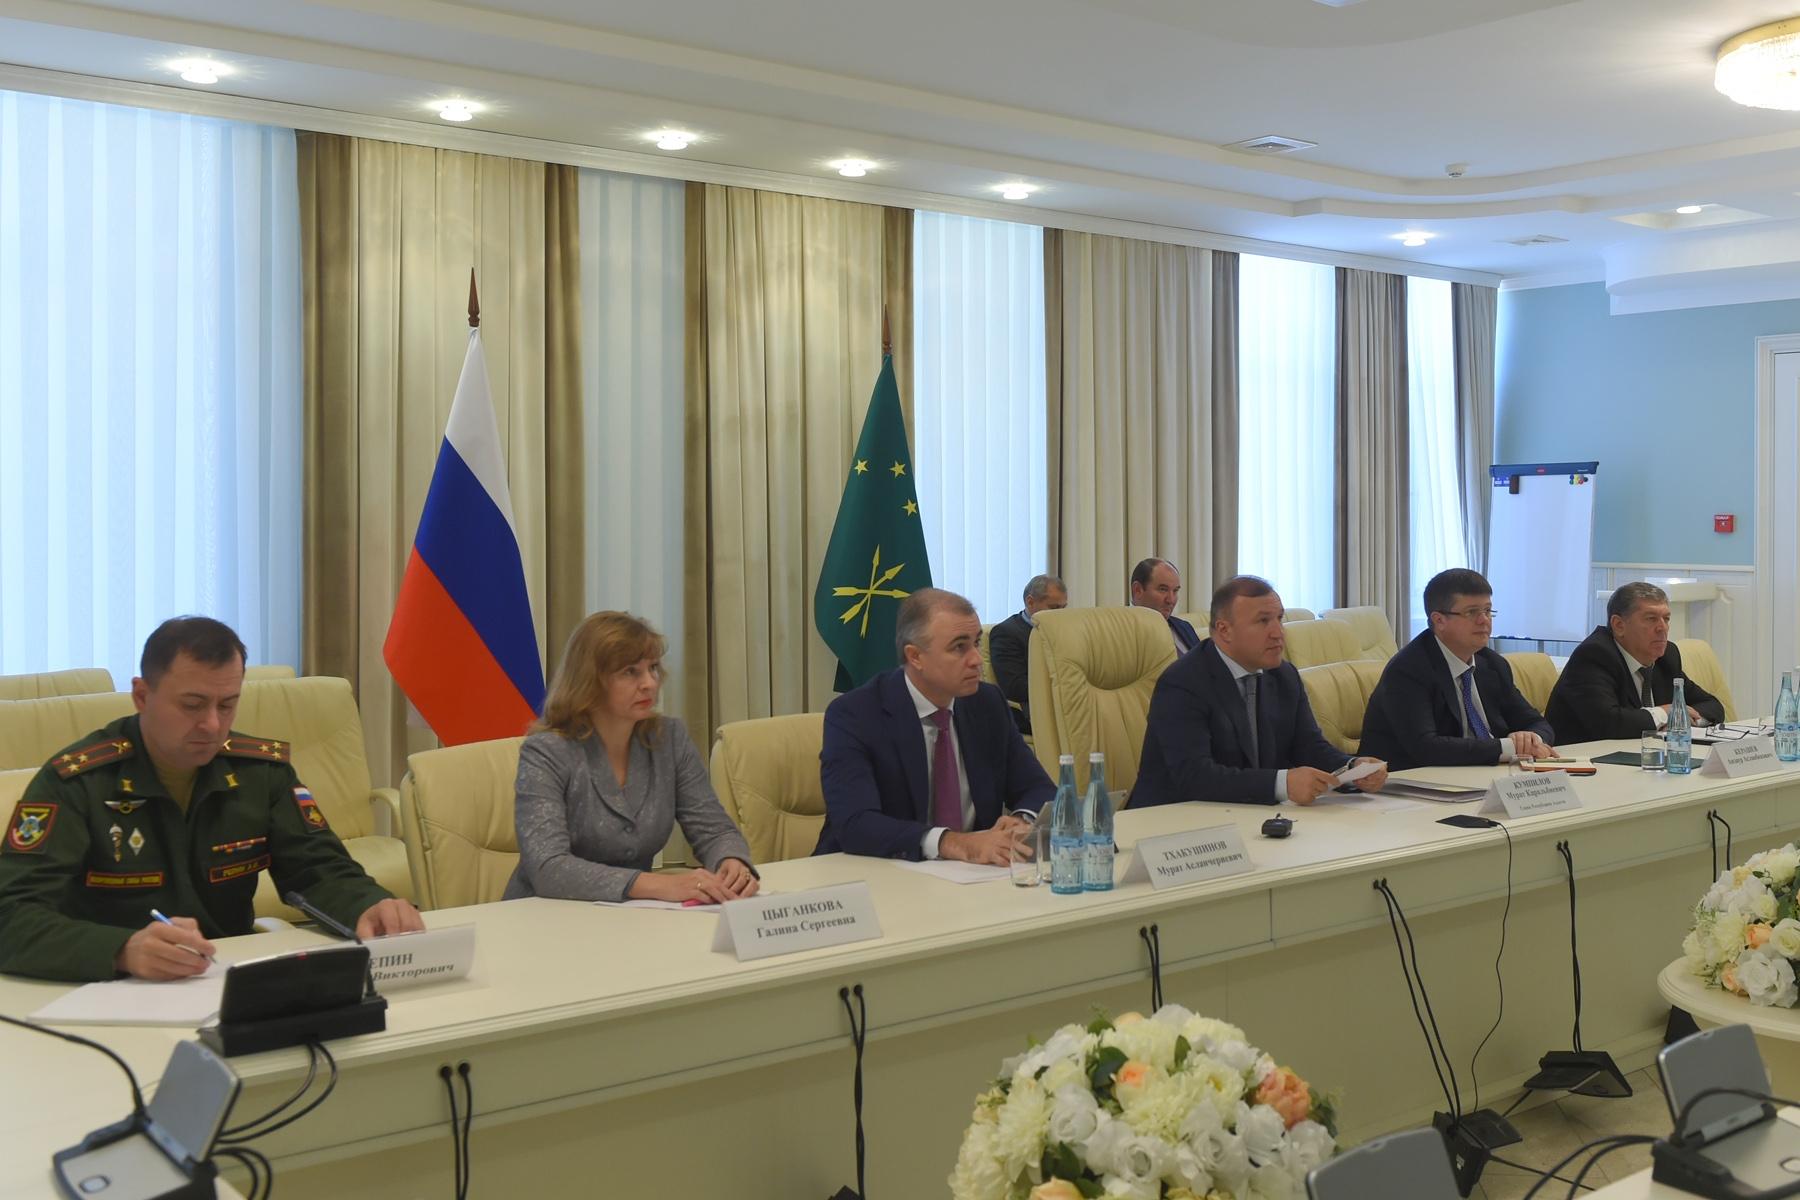 Министр обороны РФ дал высокую оценку взаимодействию с руководством Адыгеи по решению совместных задач